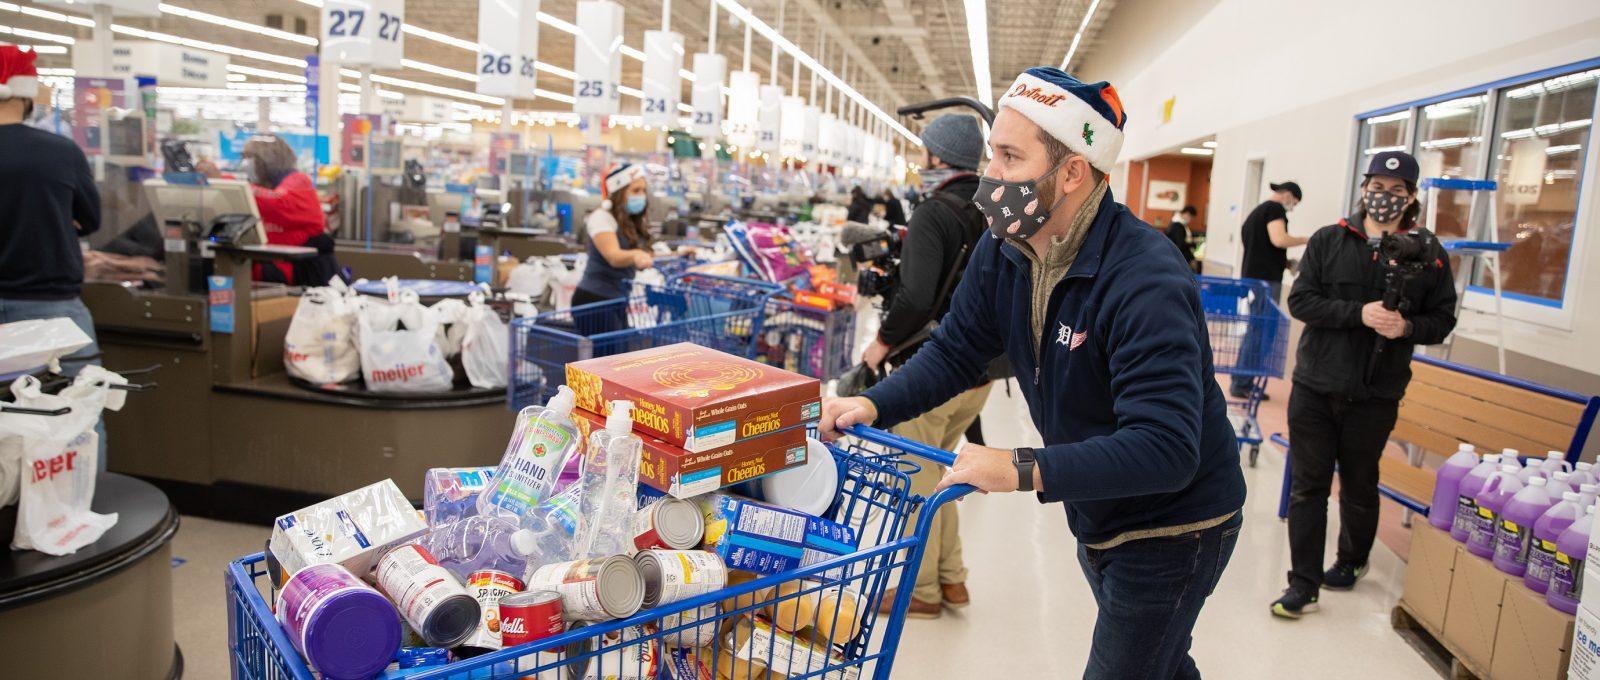 Man pushing his cart full of groceries